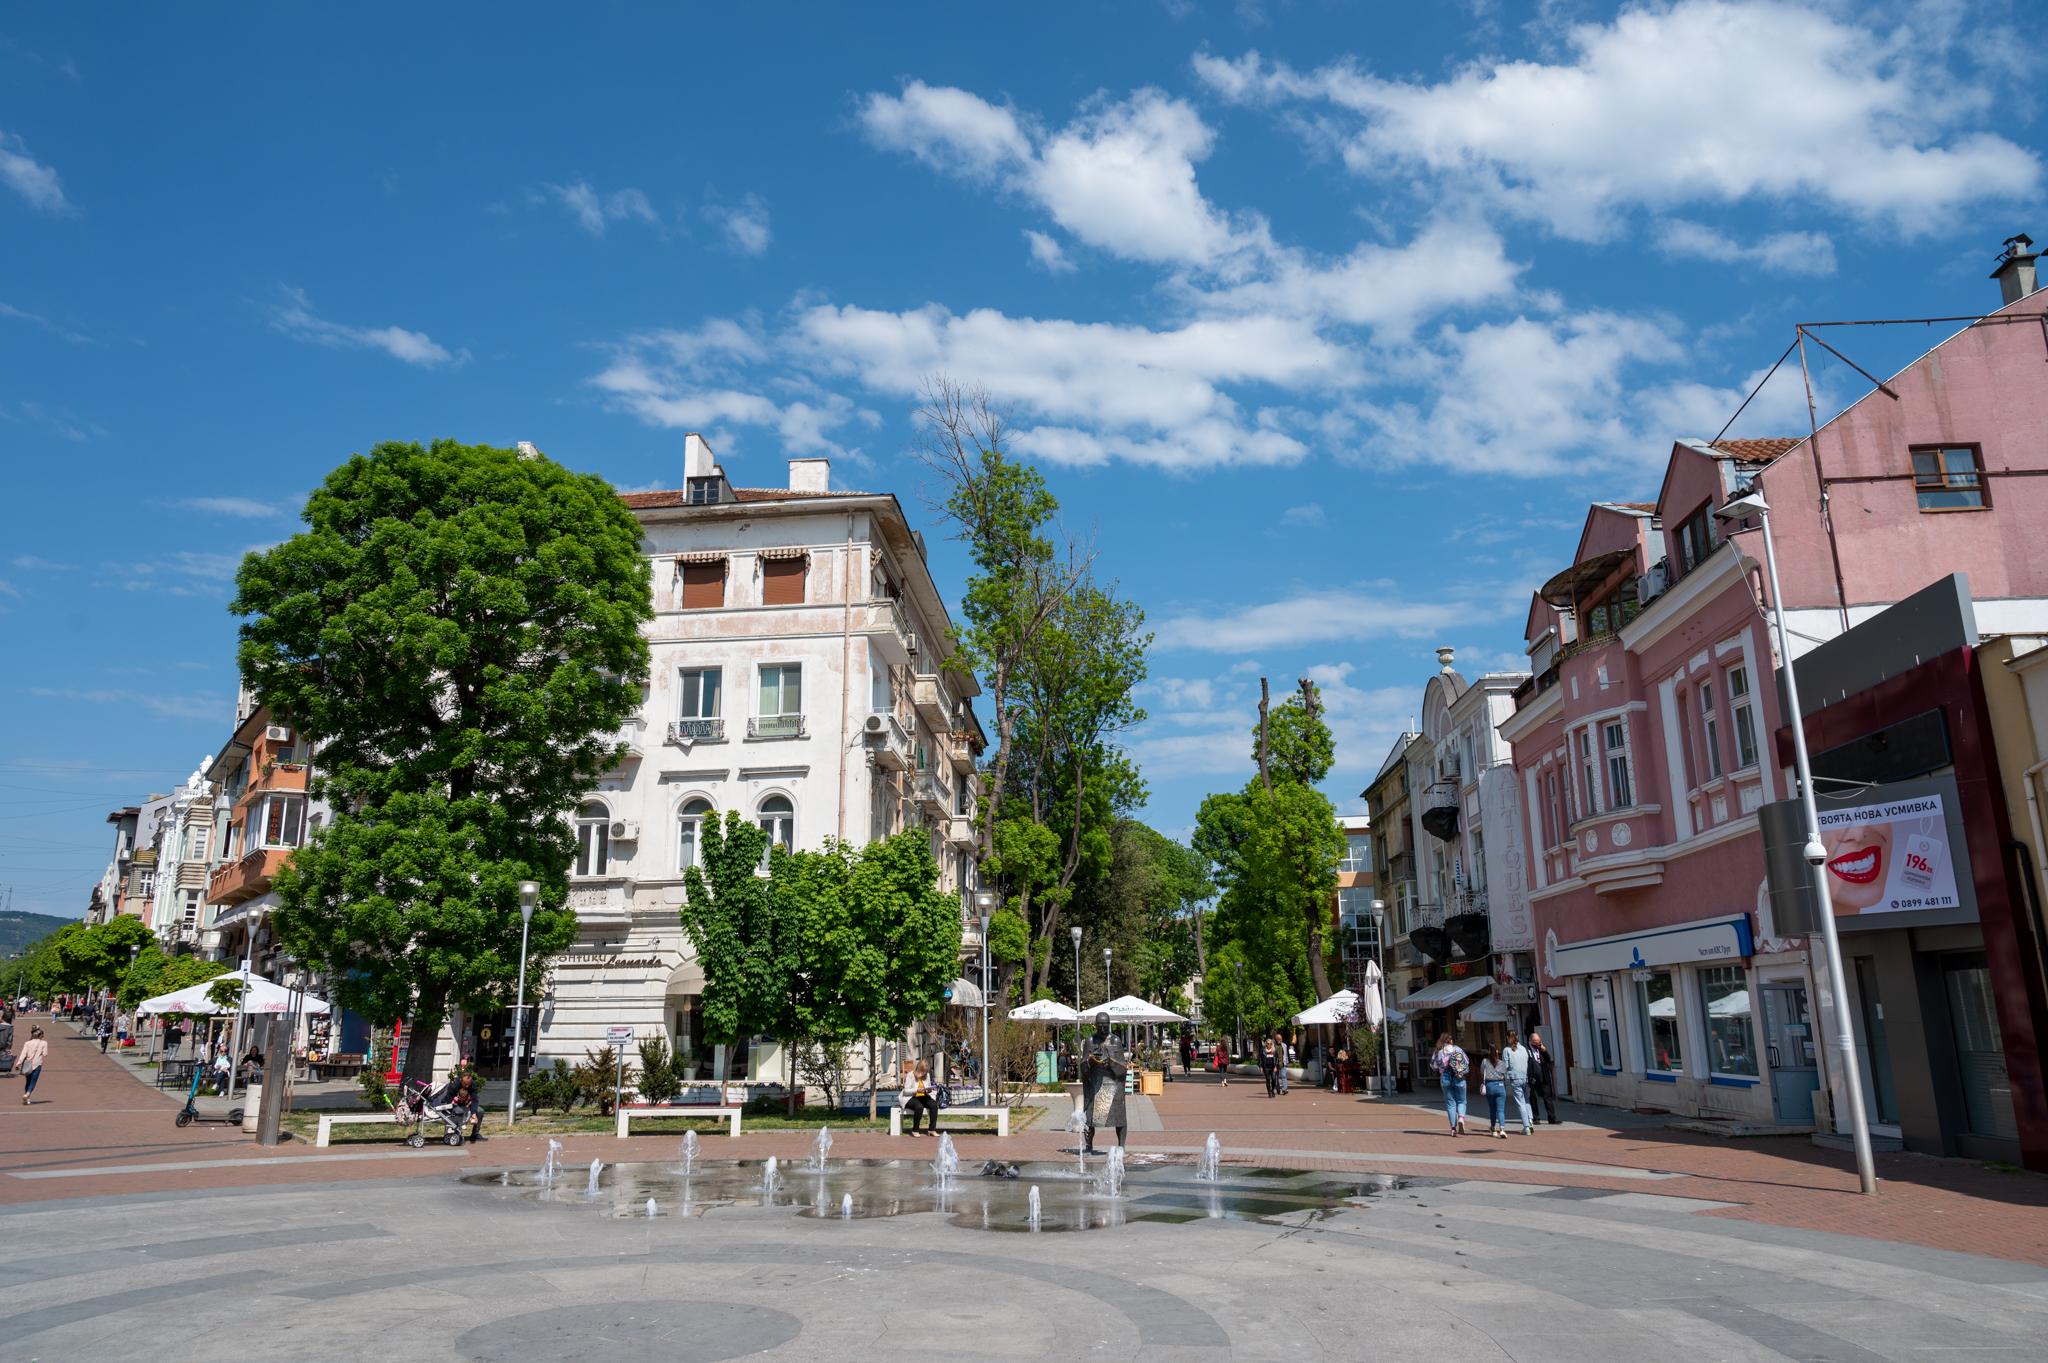 Varna Bulgarien: Spaziergang durch die Innenstadt